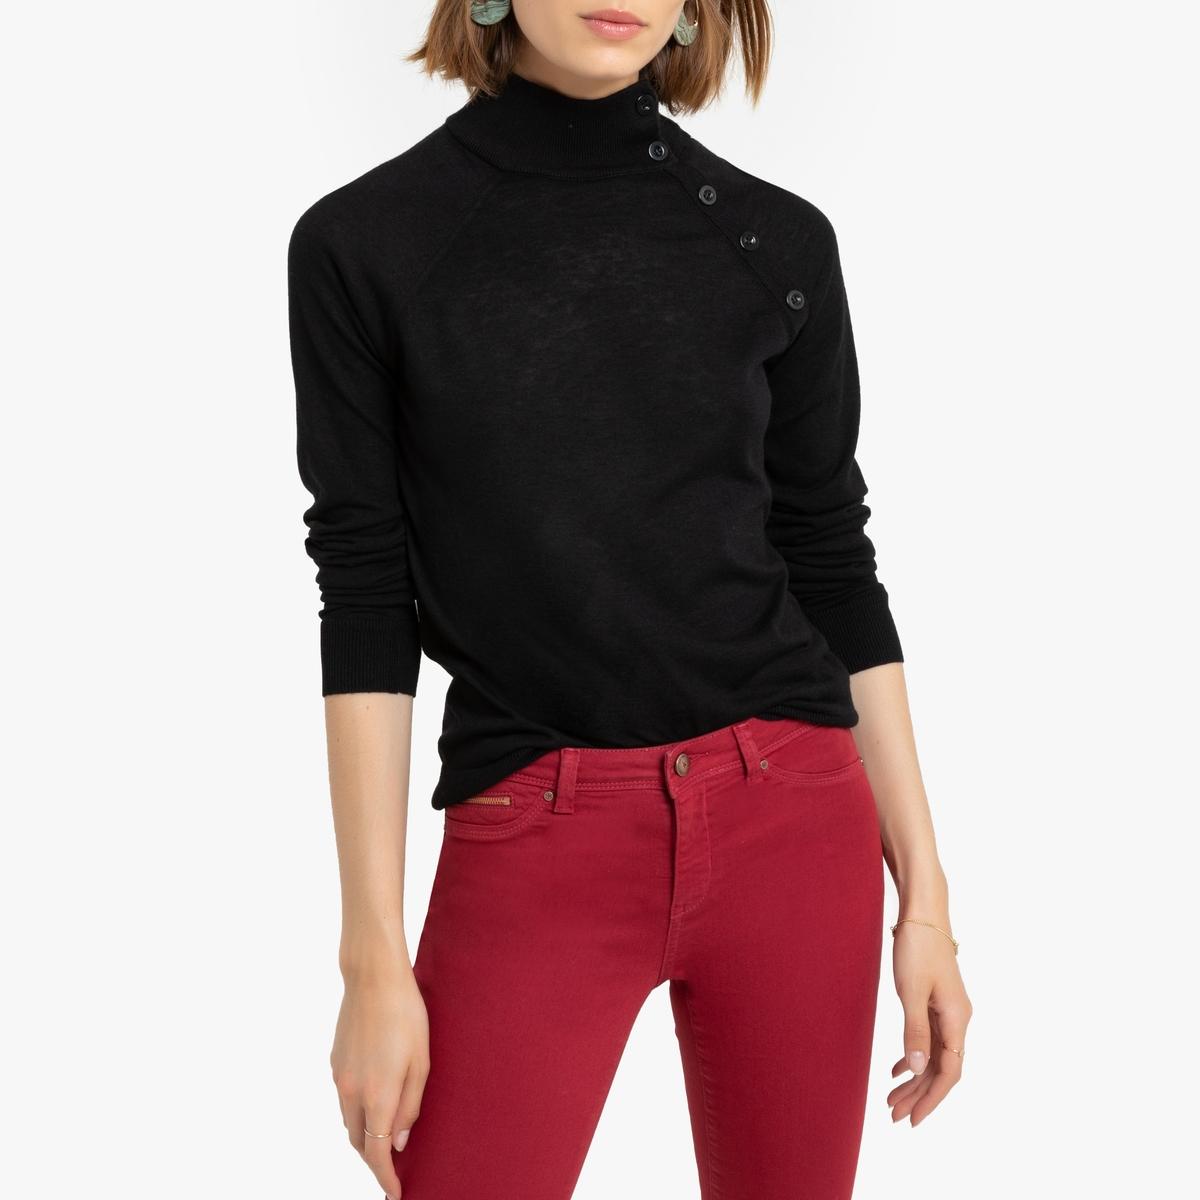 Пуловер La Redoute С воротником-стойкой из тонкого трикотажа Malowne S черный